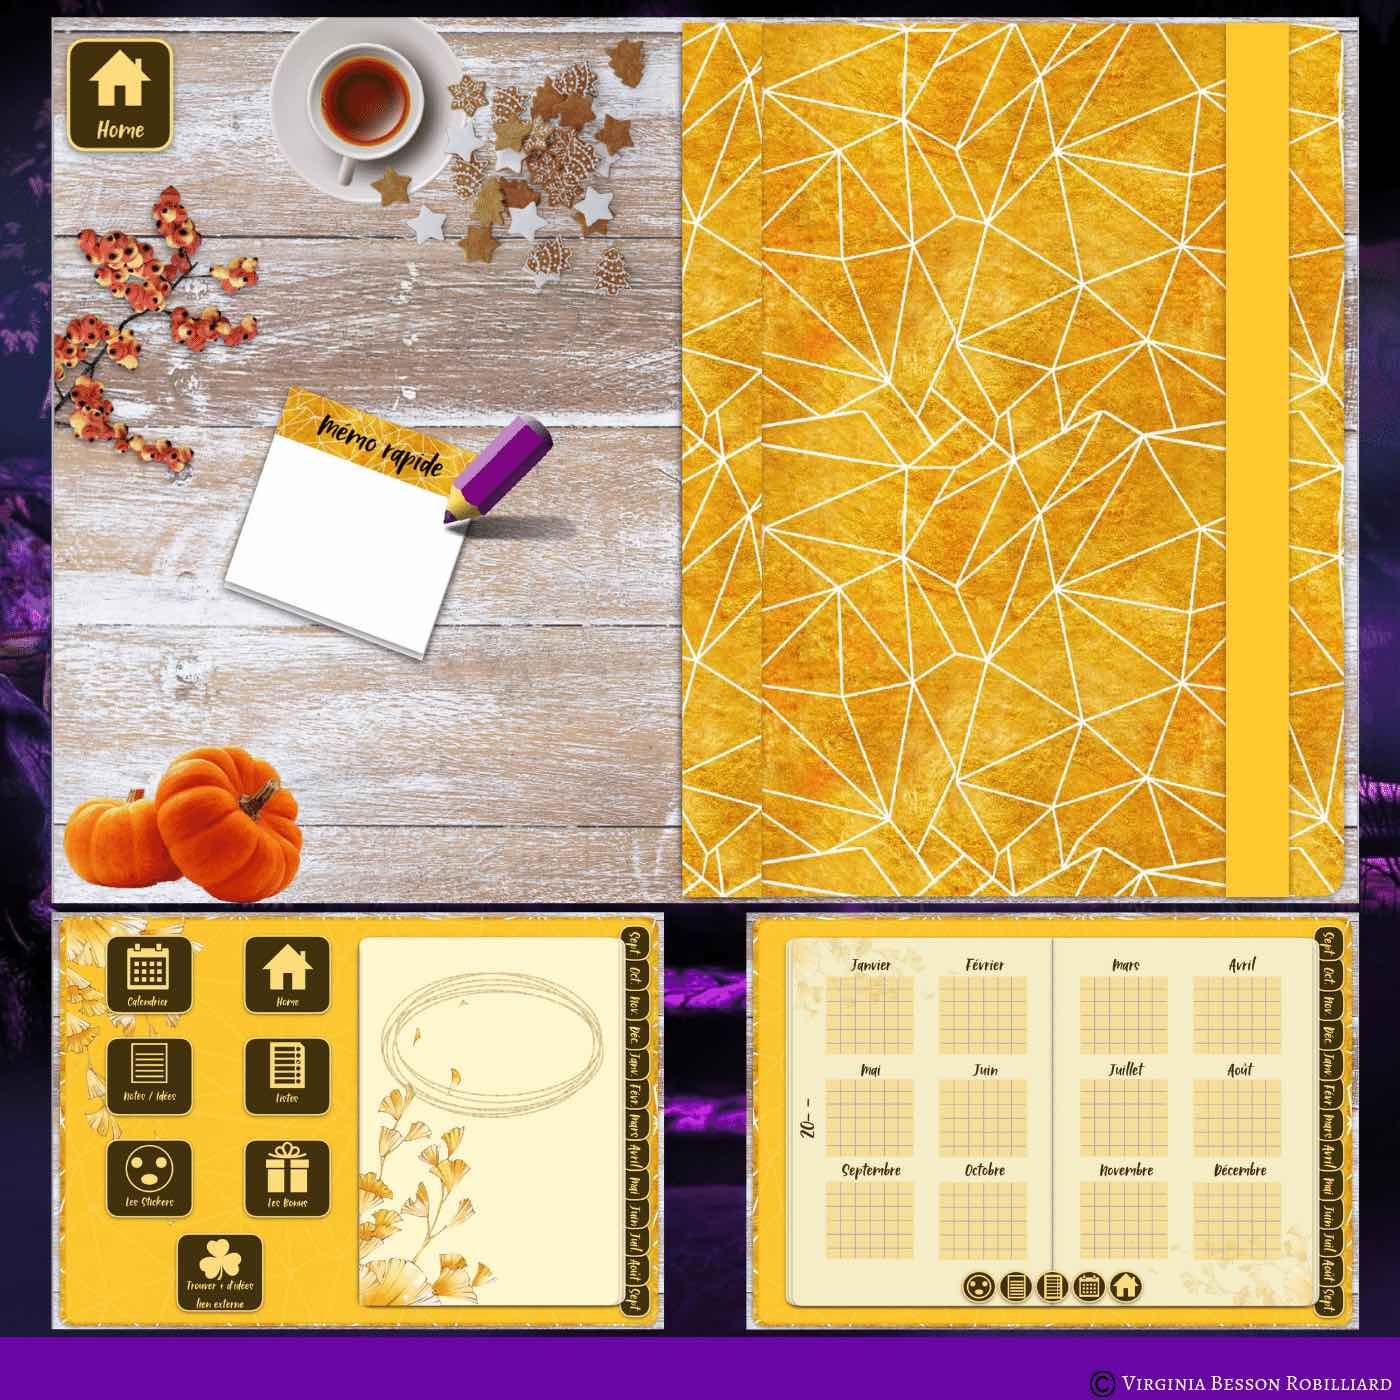 Image de présentation Planner Digital (Sept-compressed.jpg